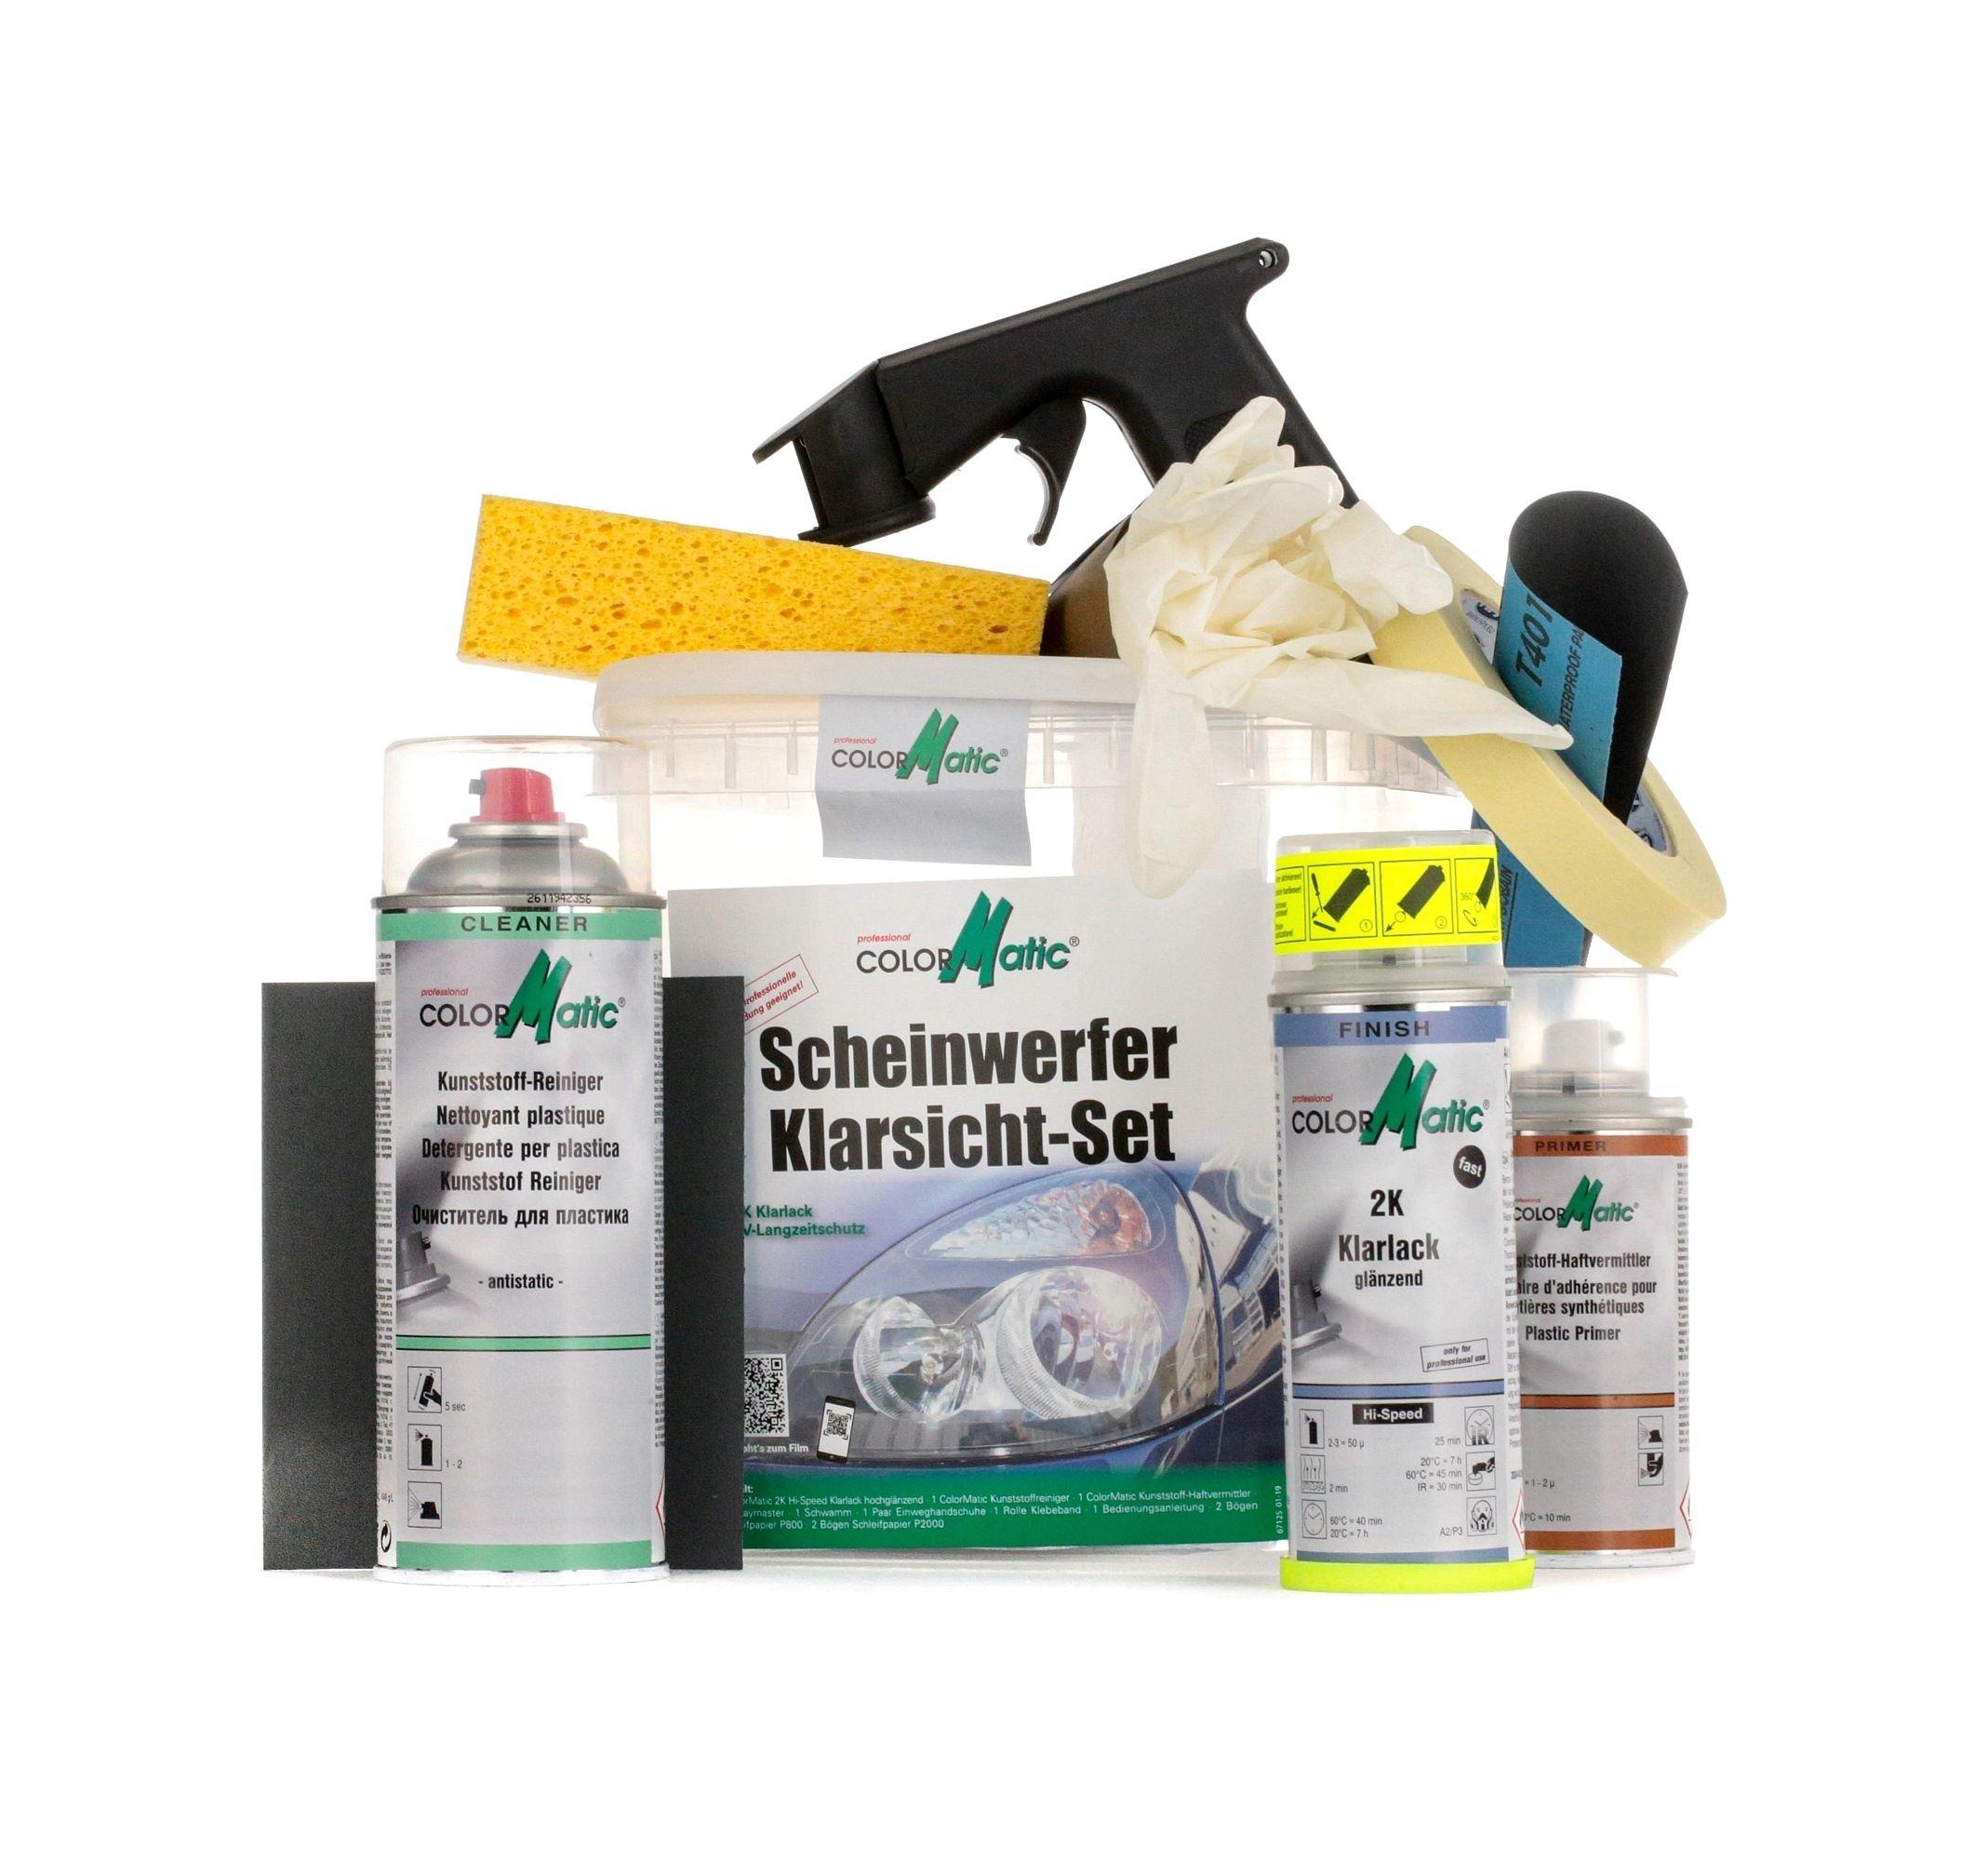 Scheinwerferreinigungsanlage MOTIP 359248 Bewertung